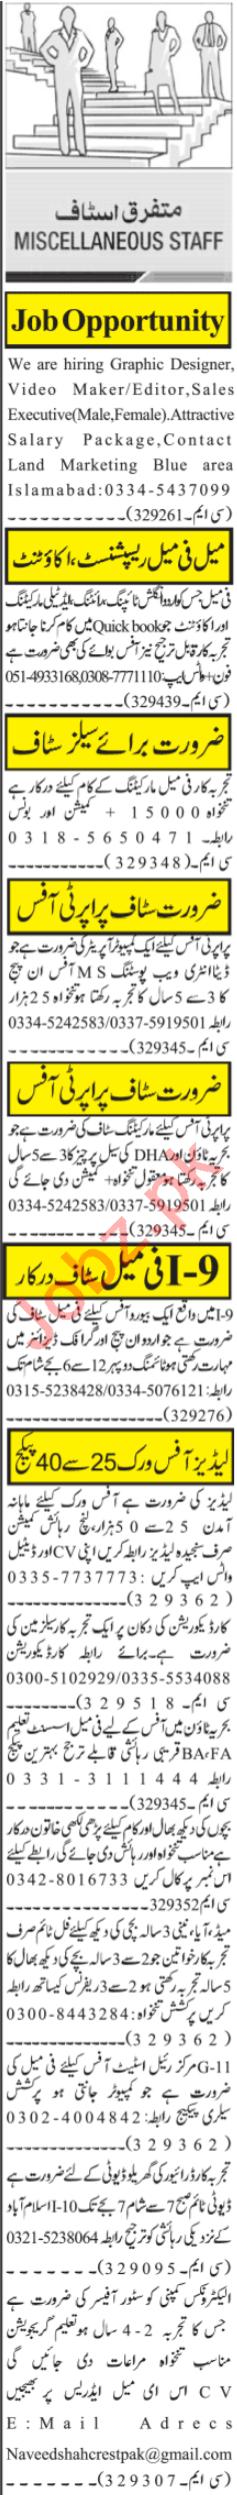 Video Editor & Sales Executive Jobs 2021 in Islamabad